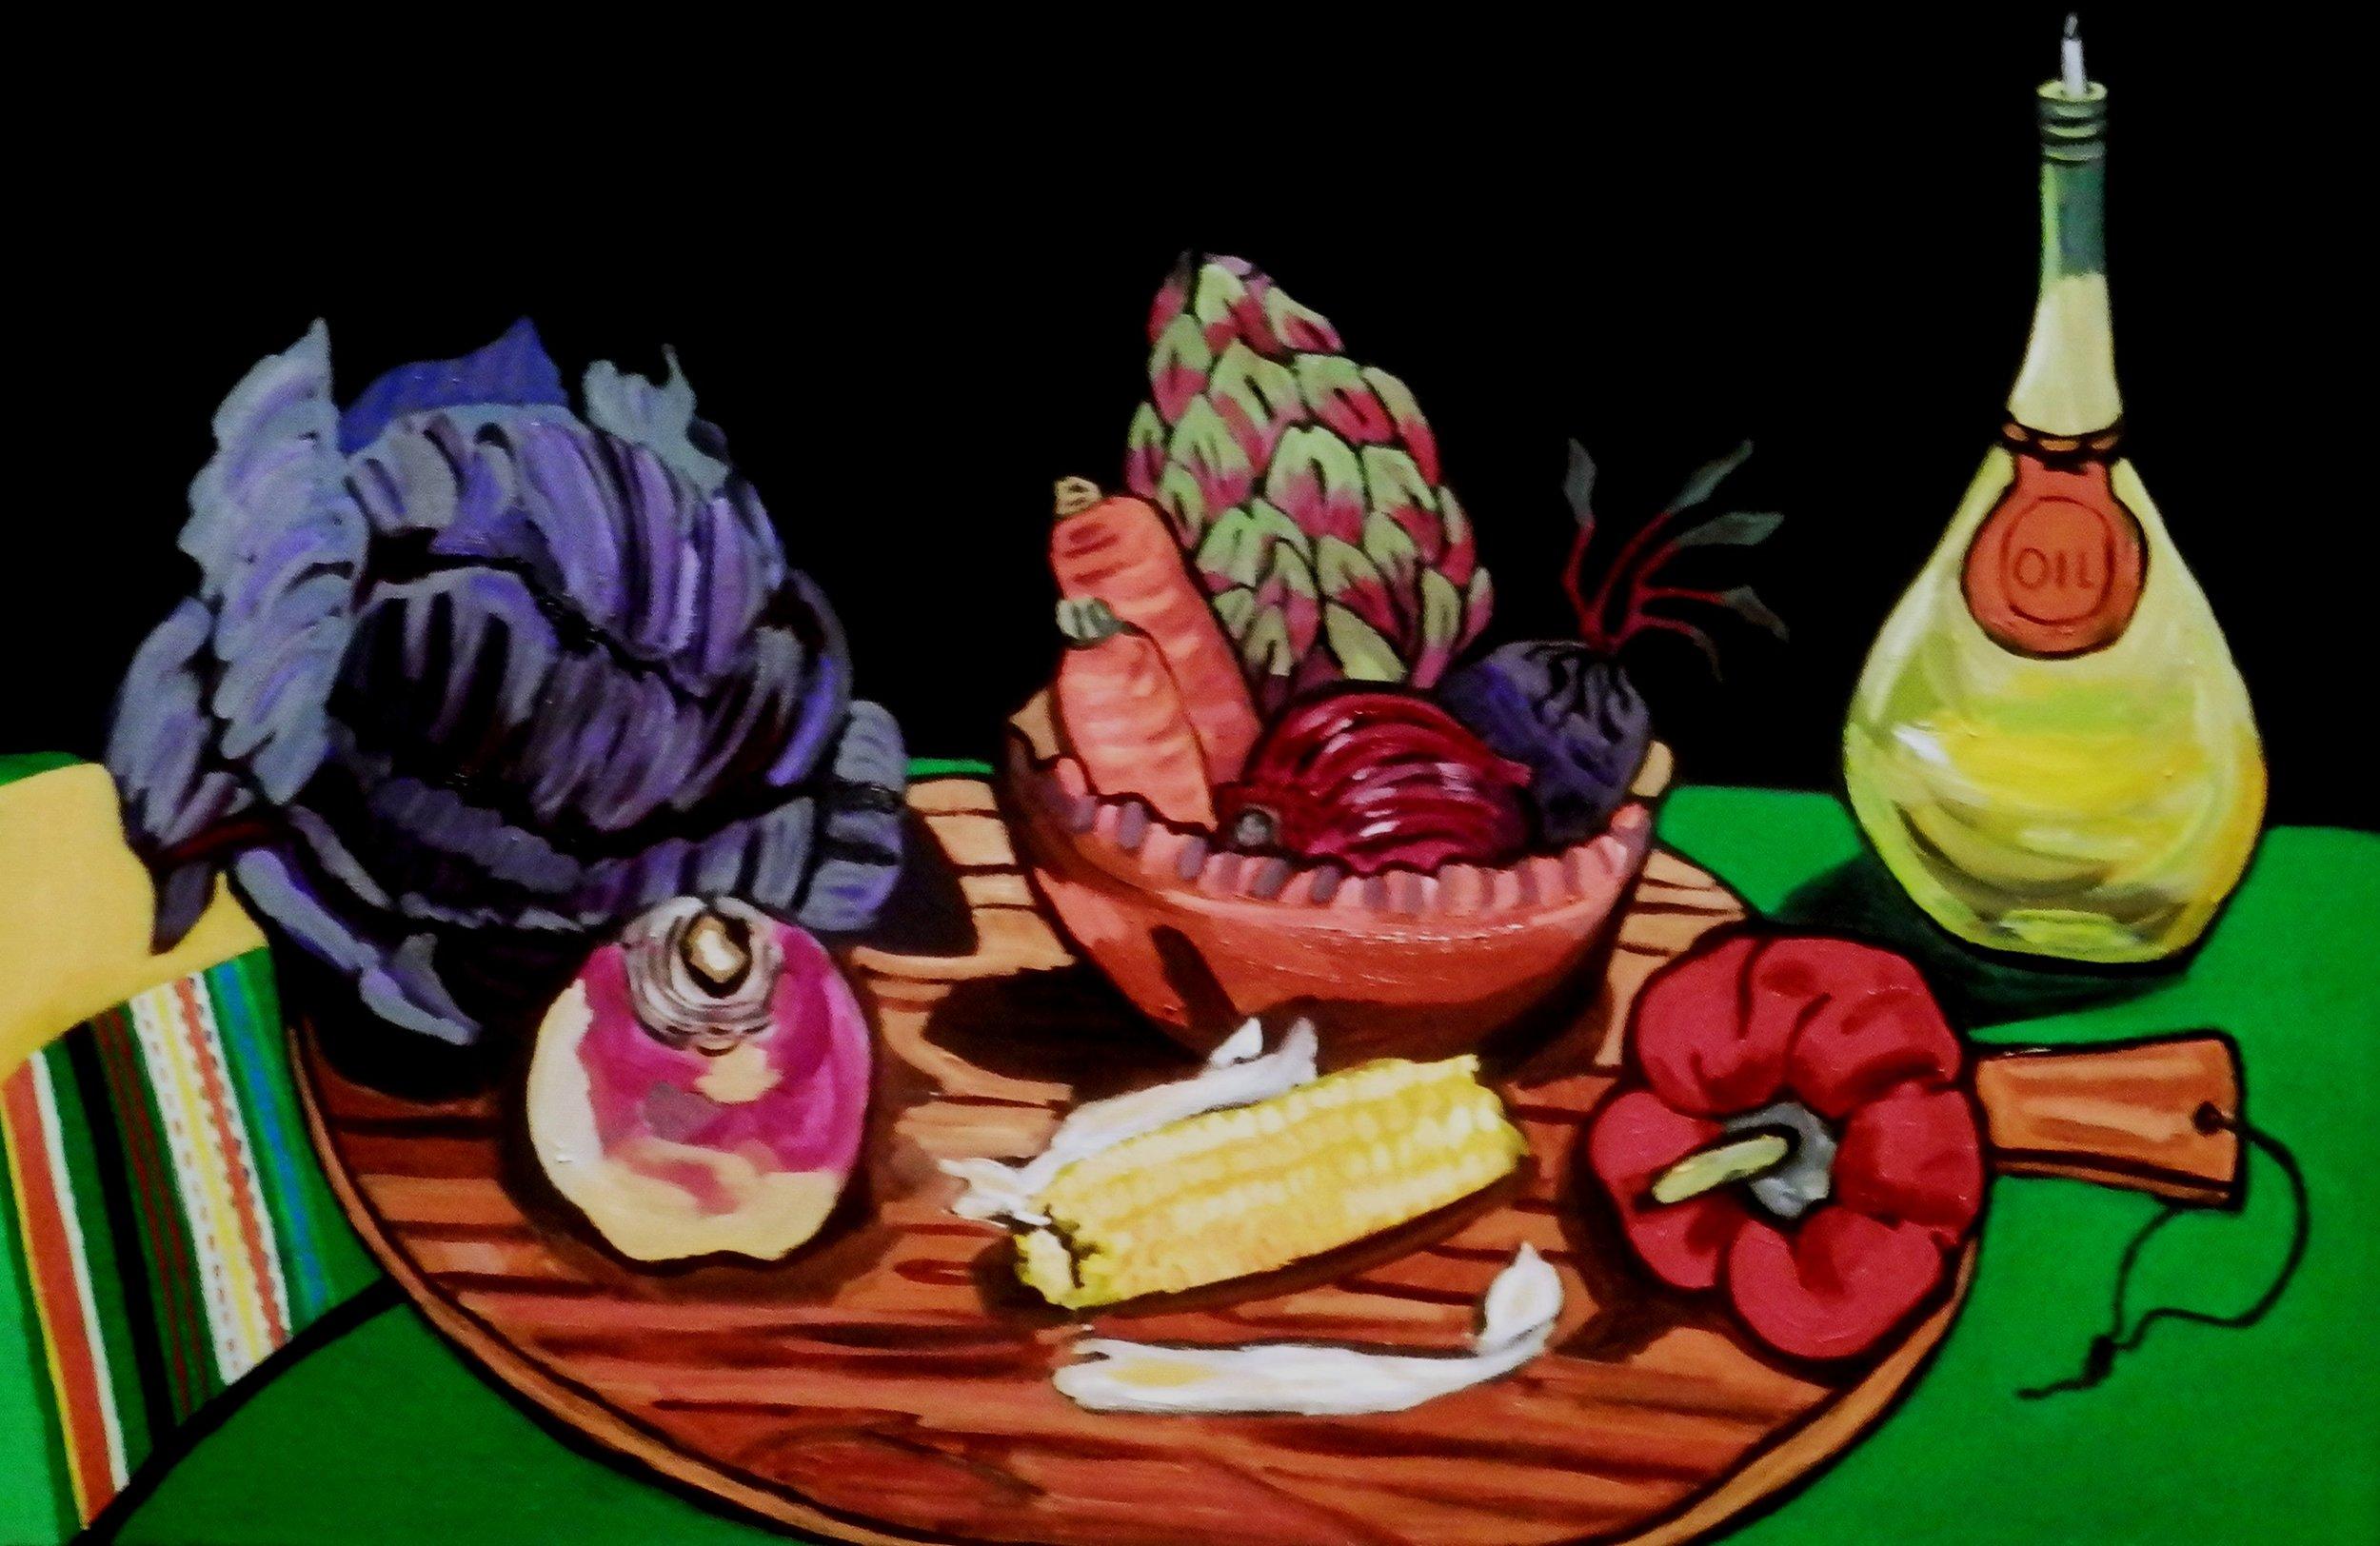 vegetables in copper bowl - Sharman Feinberg